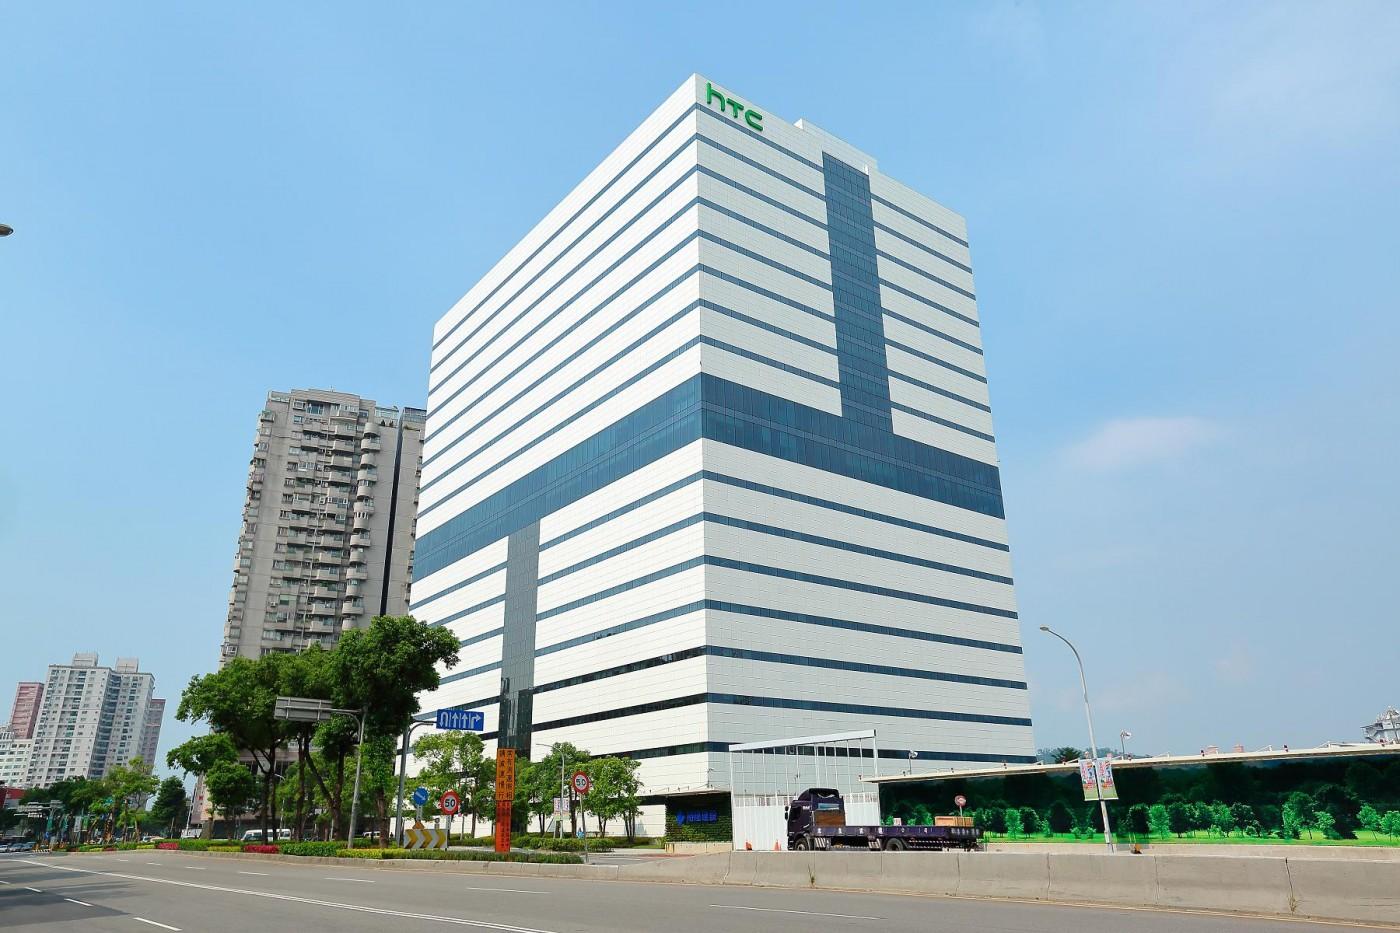 全球百大創新揭曉!HTC首度入榜,台灣追平德國名列第四